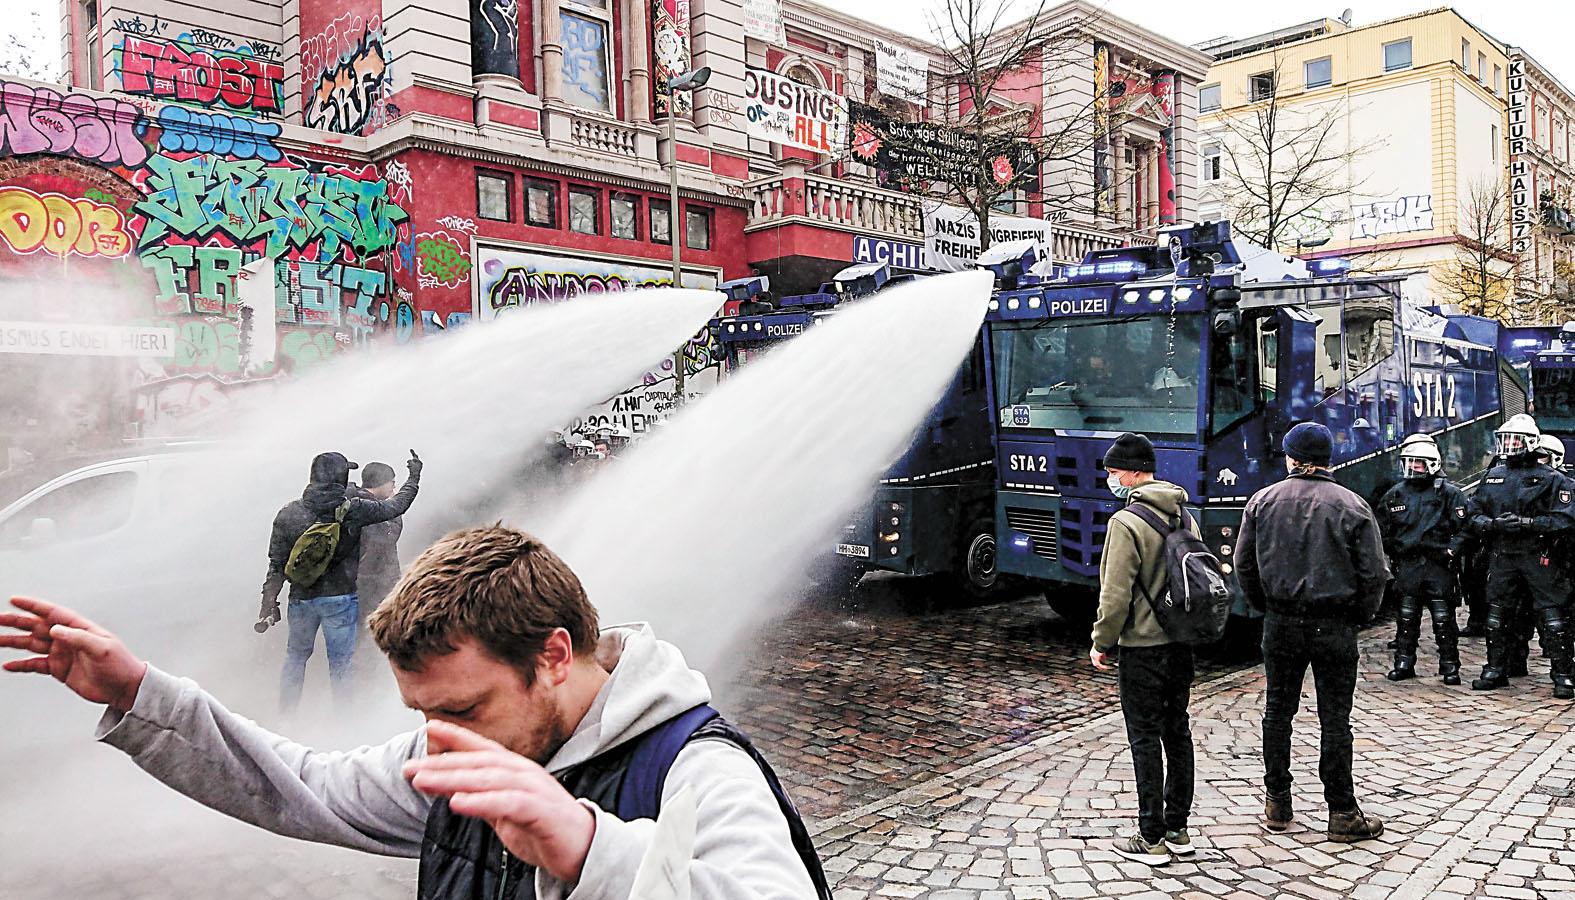 德國 在漢堡,警方向示威者發射水砲。美聯社